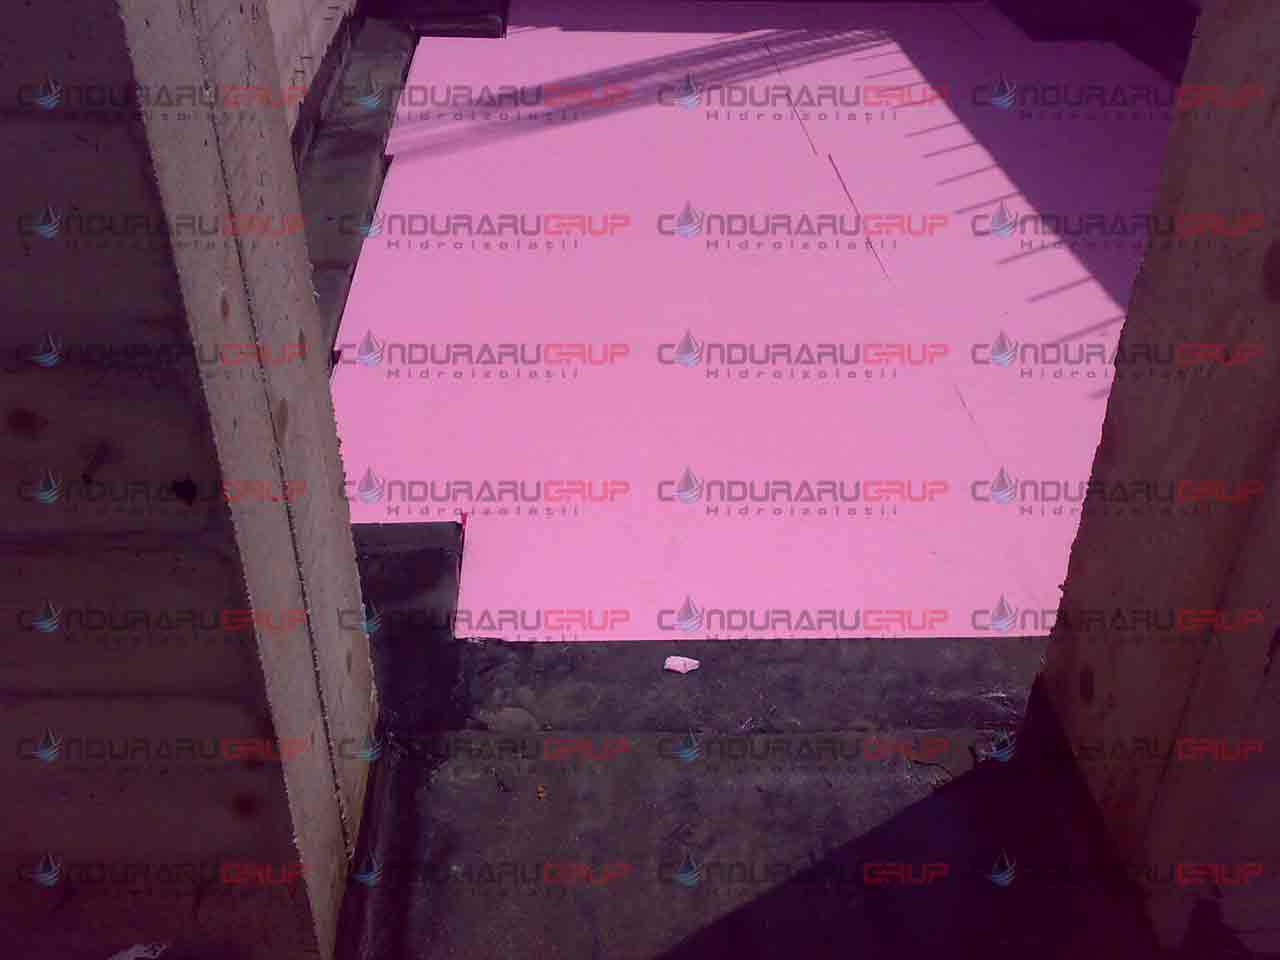 Constructii civile P+2 CONDURARU GRUP - Poza 7